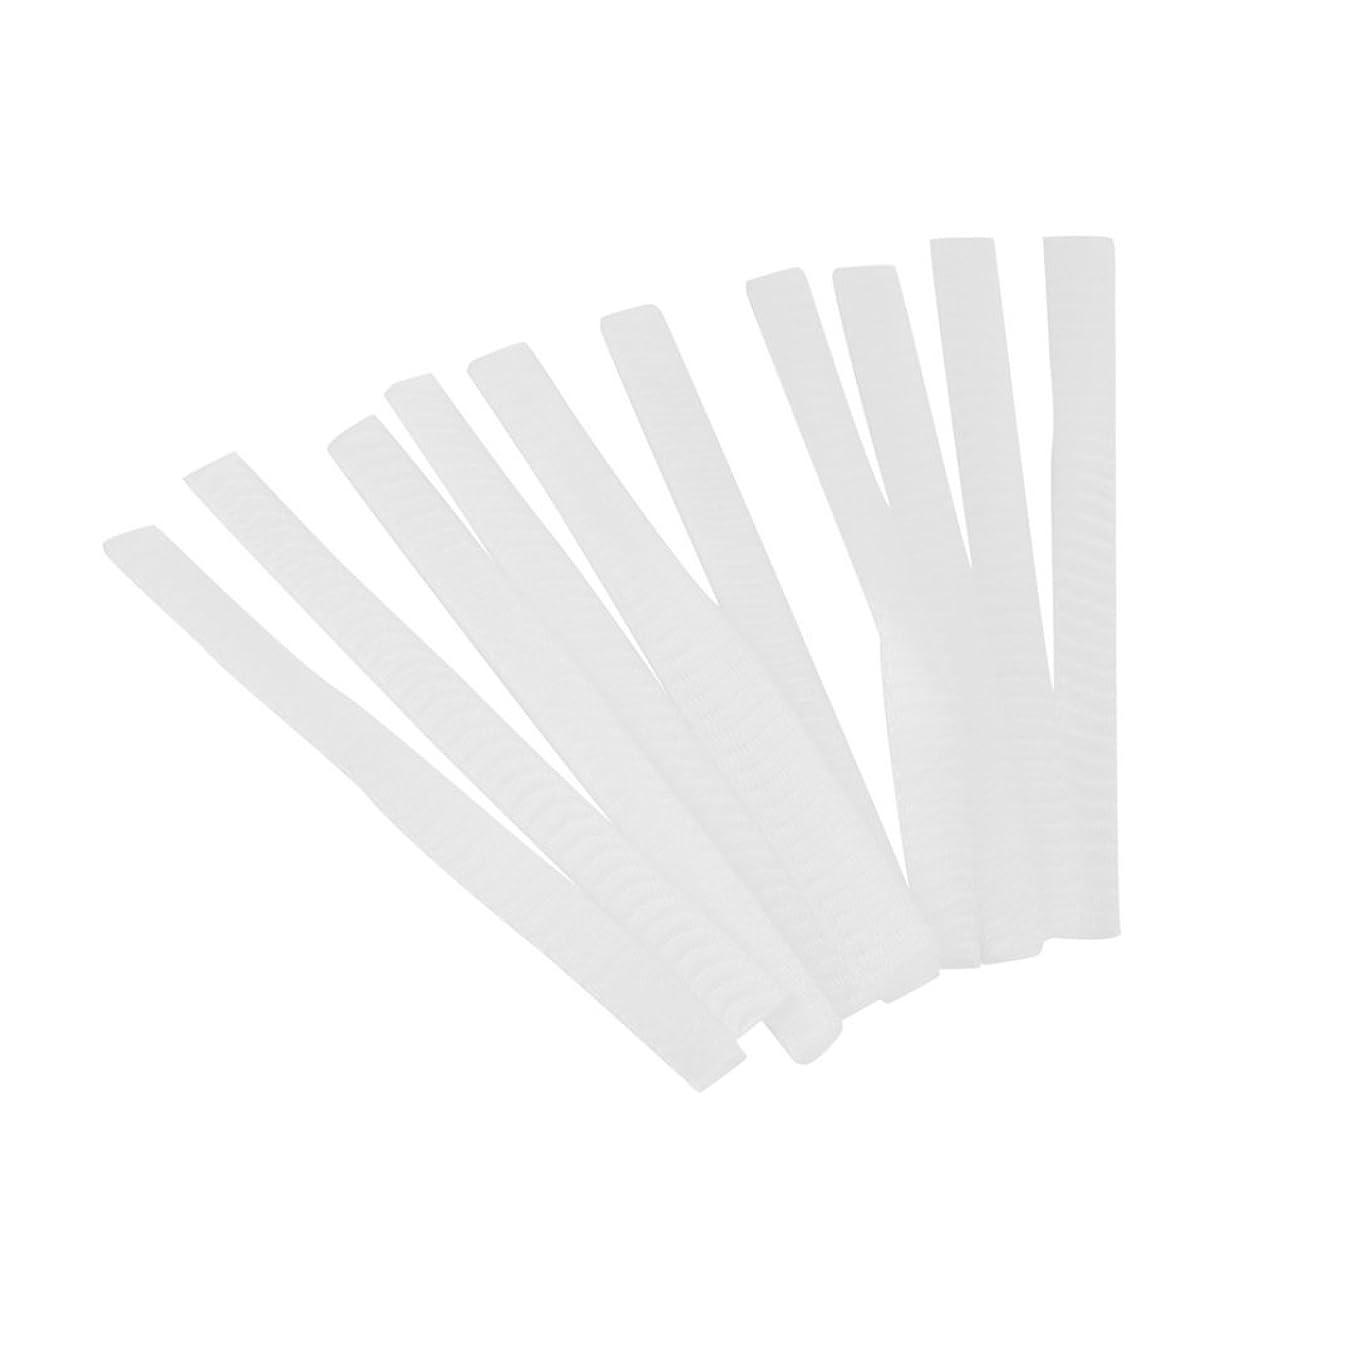 本ふくろうナンセンスSwiftgood 10パック化粧ブラシプロテクター化粧ブラシペンガード拡張可能メッシュカバー